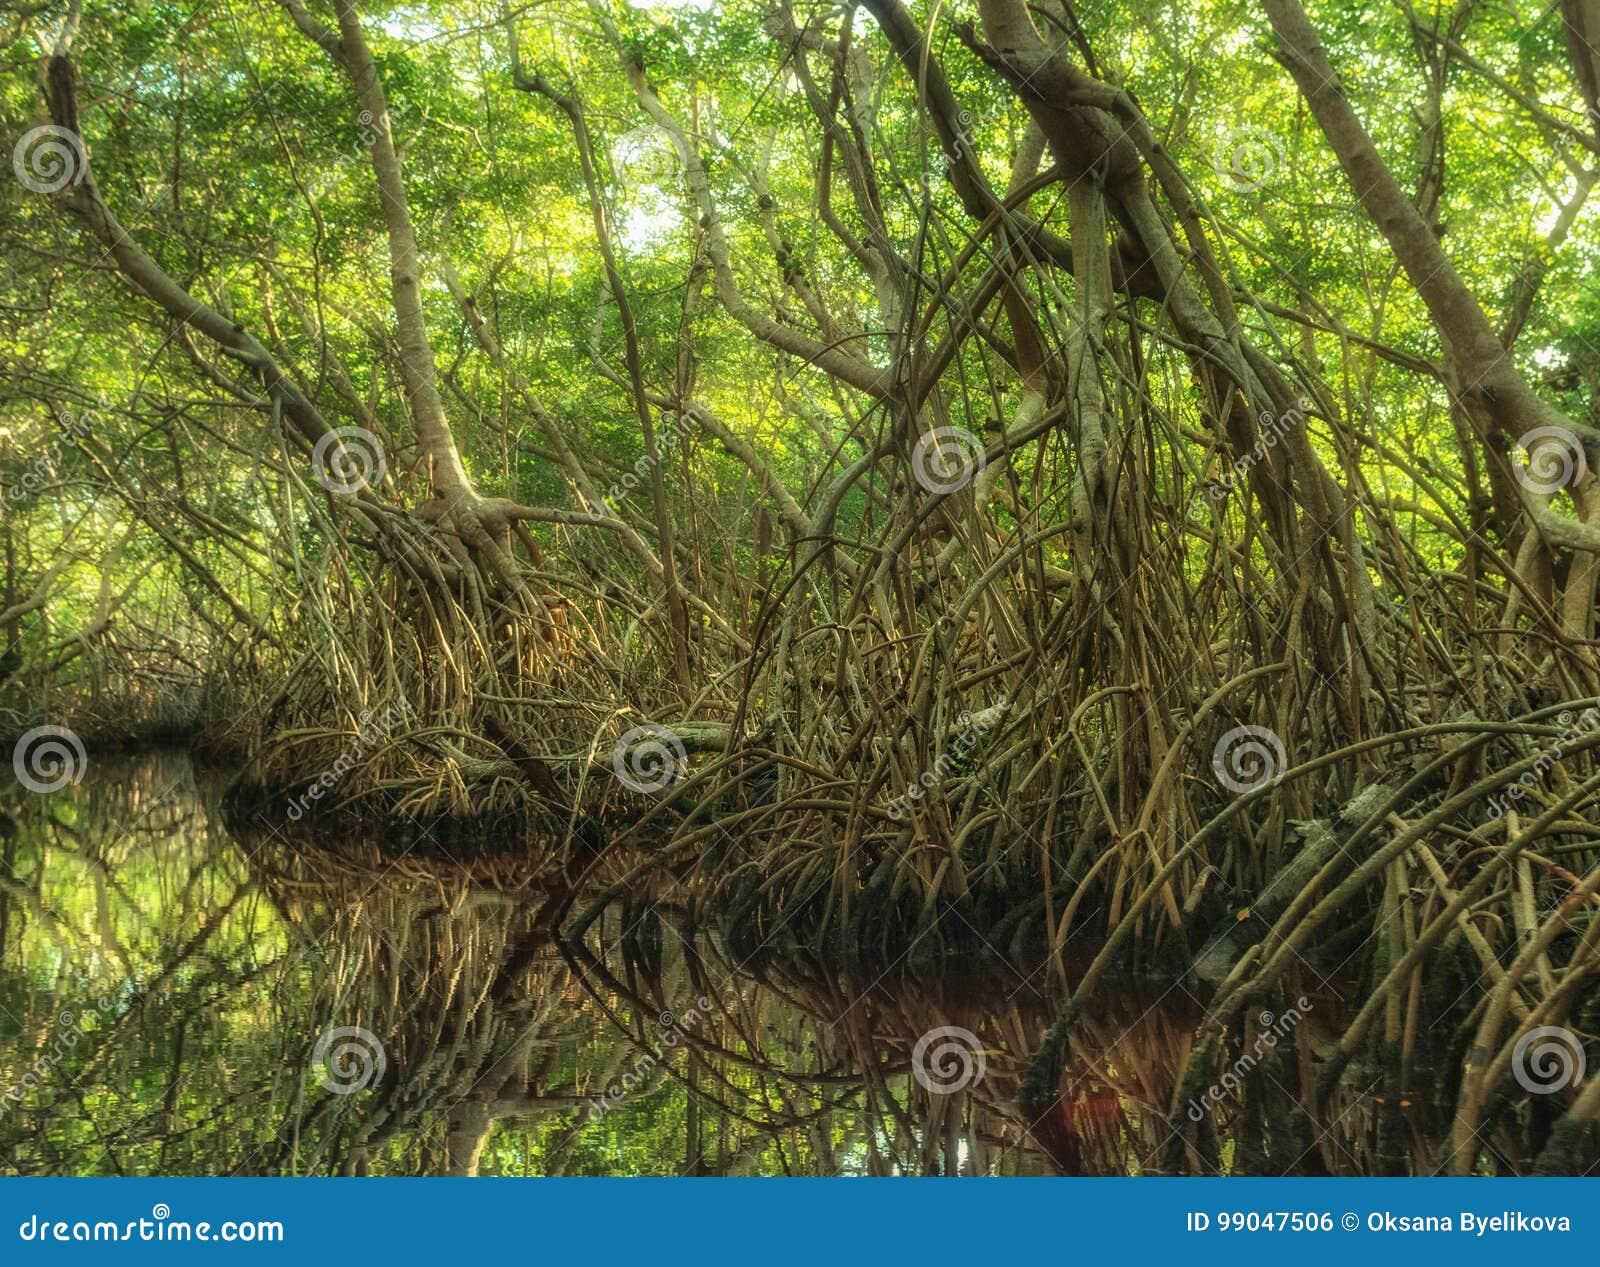 Foresta della mangrovia in Sian Kaan, riserva di biosfera, Quintana Roo, Messico